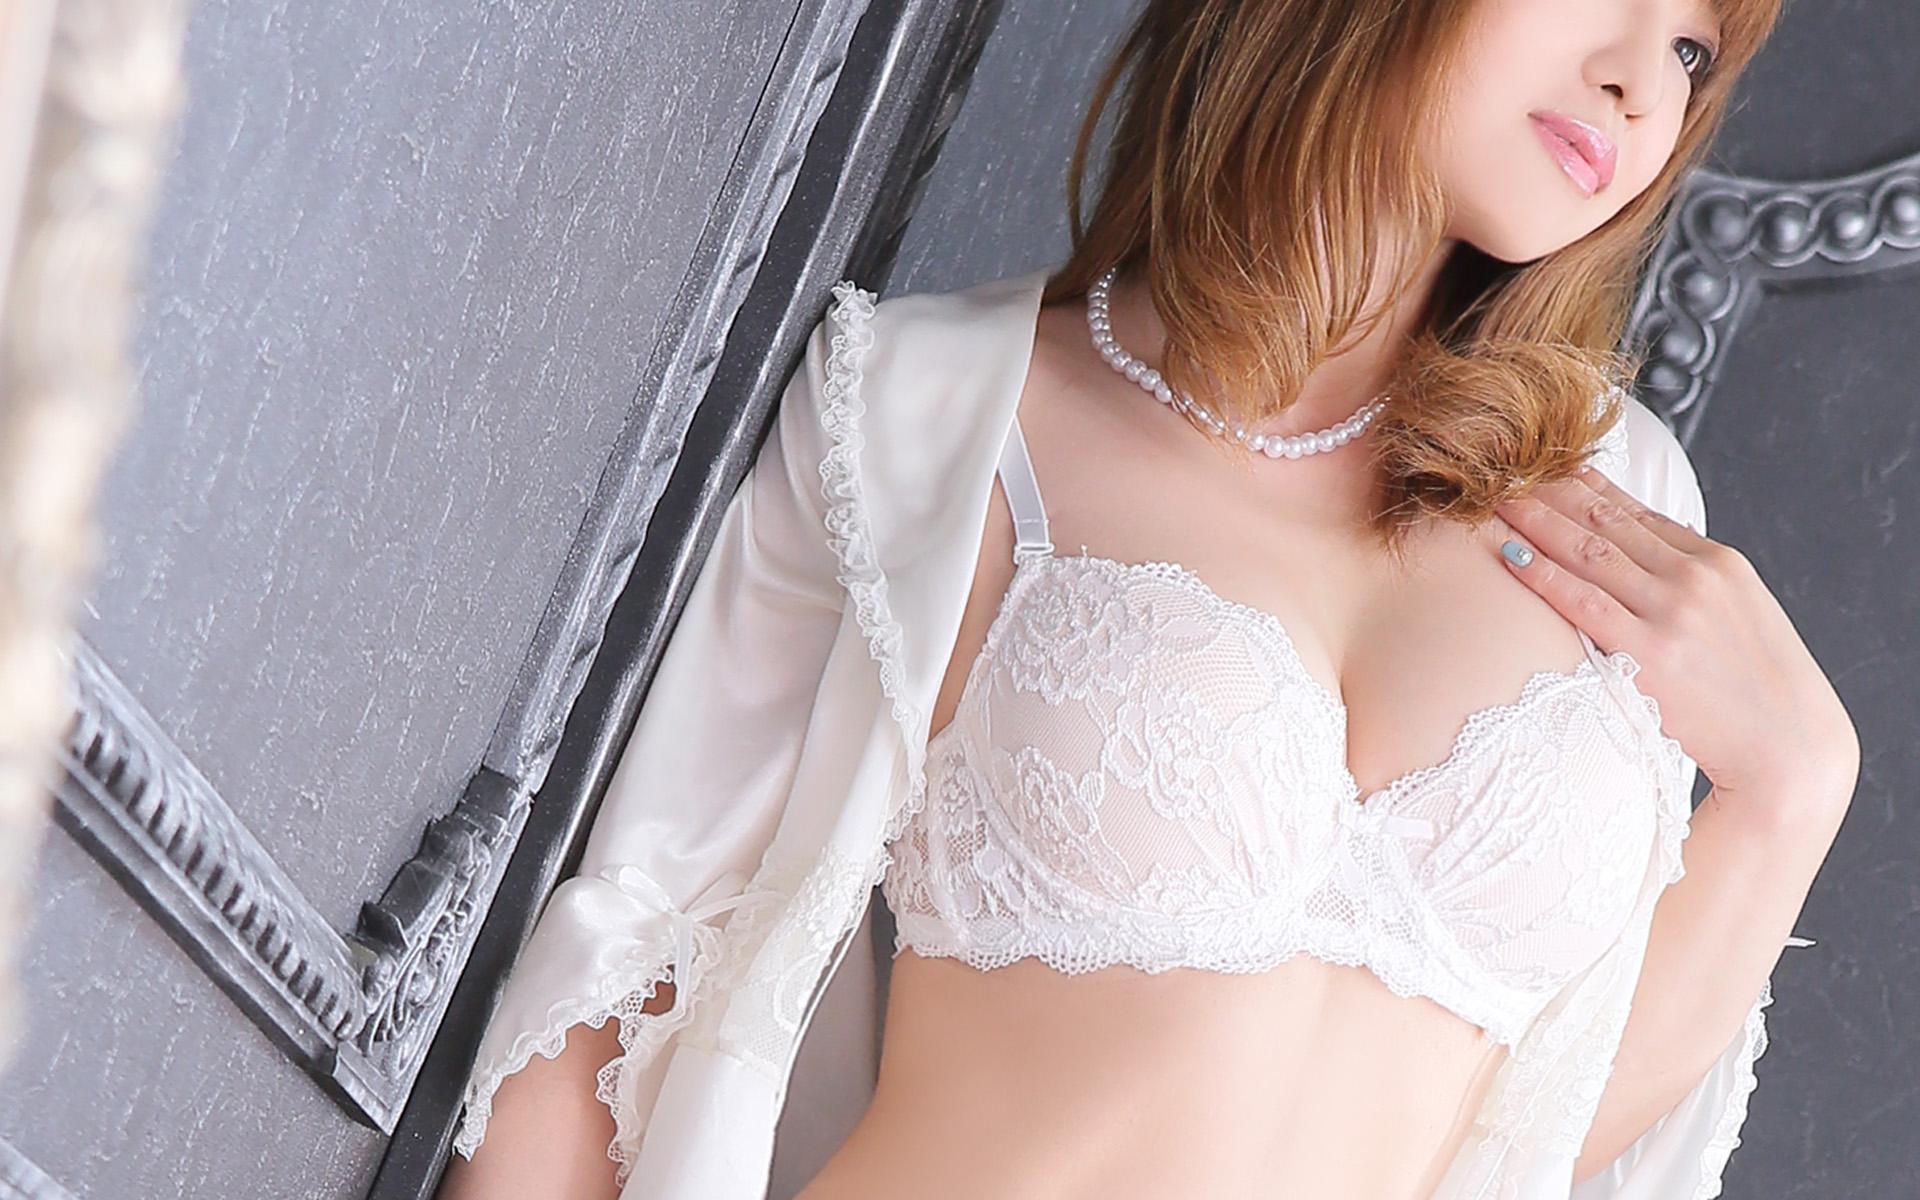 『秘密倶楽部 凛 TOKYO』錦糸町デリヘル 待ち合わせ型 人妻デリバリーヘルス